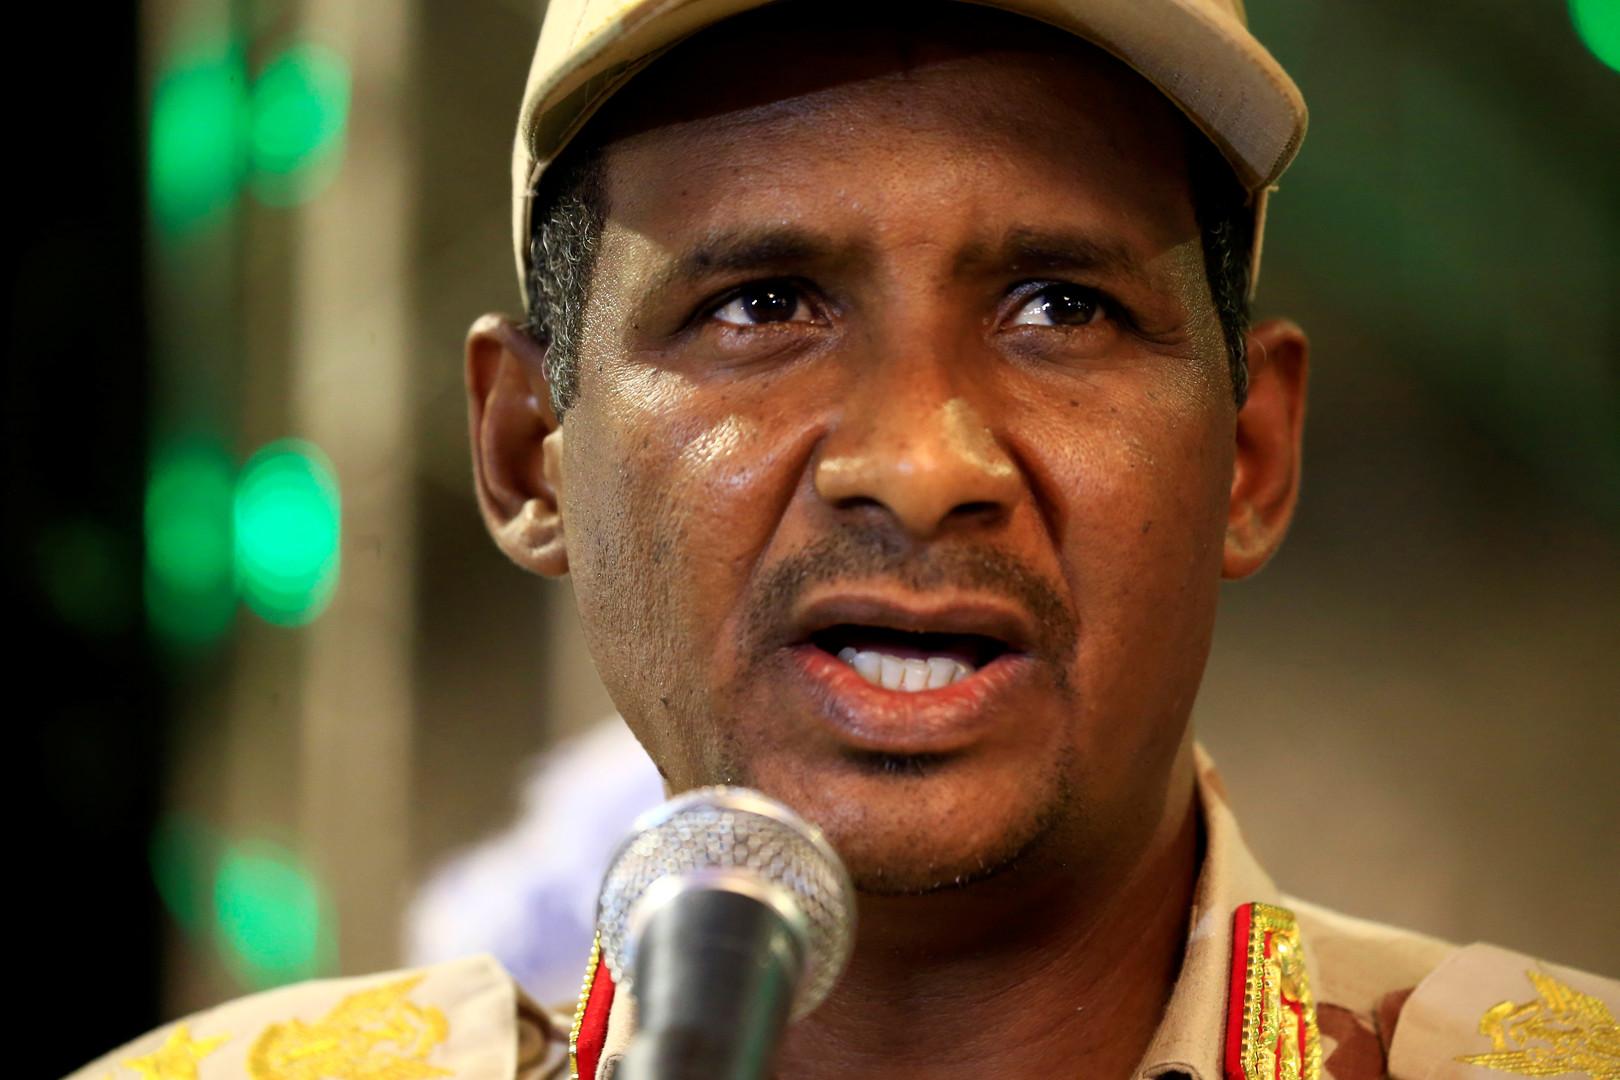 نائب رئيس المجلس العسكري الانتقالي السوداني محمد حمدان دقلو